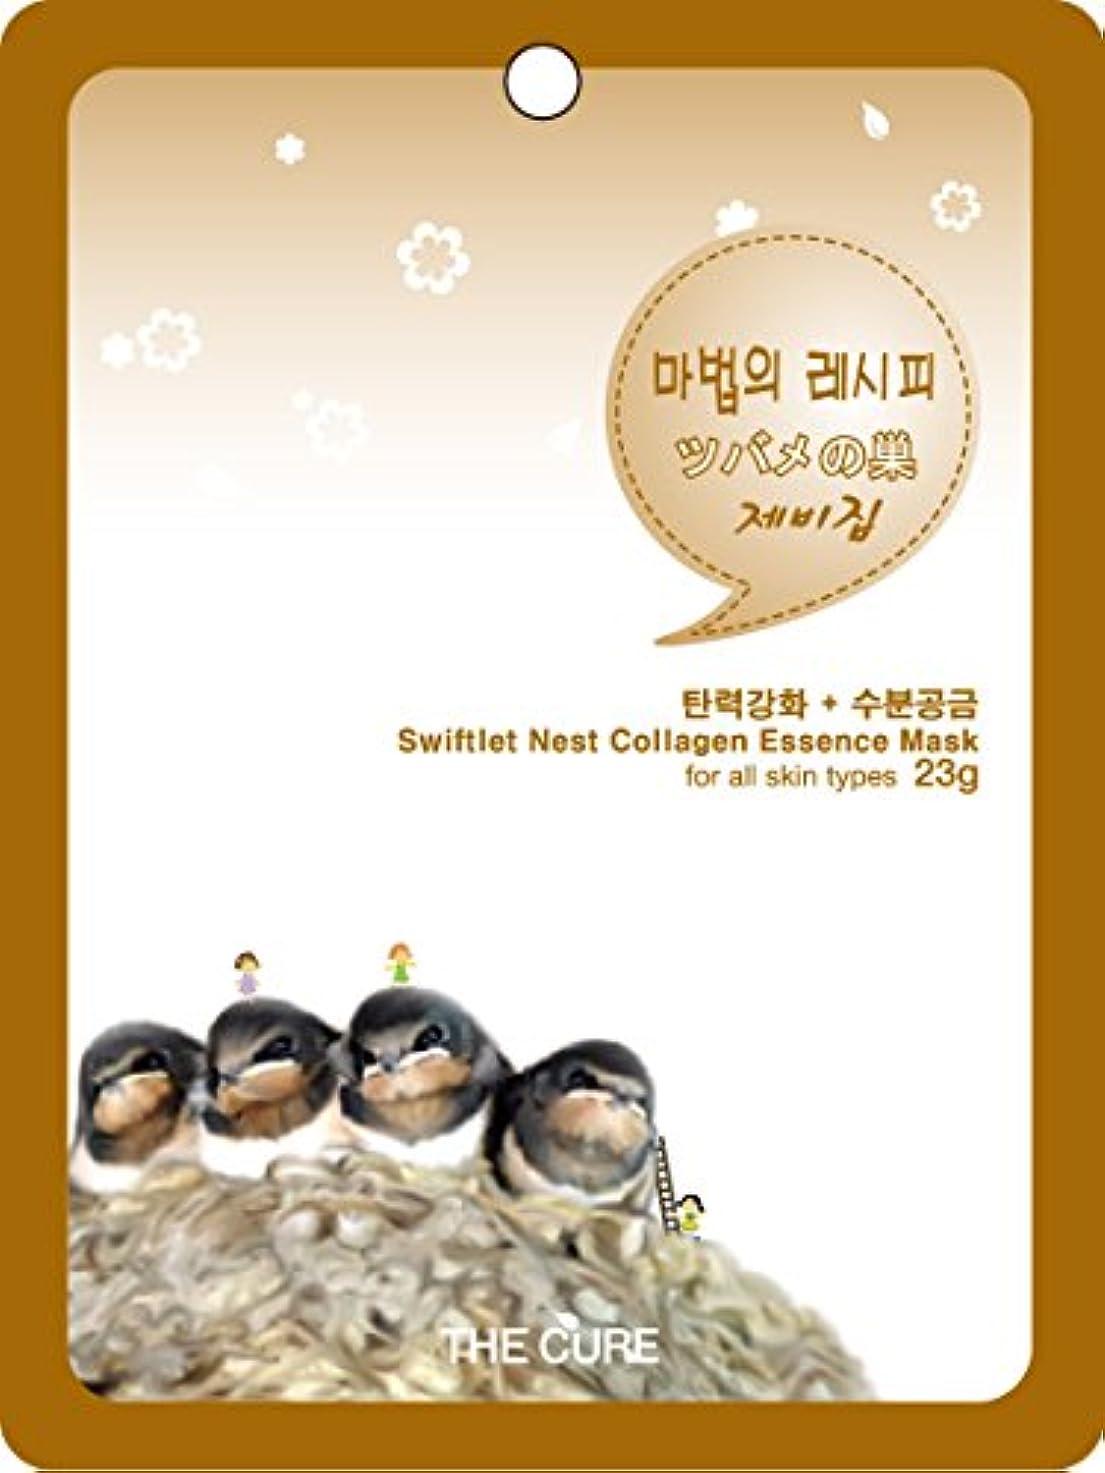 ツバメの巣 コラーゲン エッセンス マスク THE CURE シート パック 100枚セット 韓国 コスメ 乾燥肌 オイリー肌 混合肌